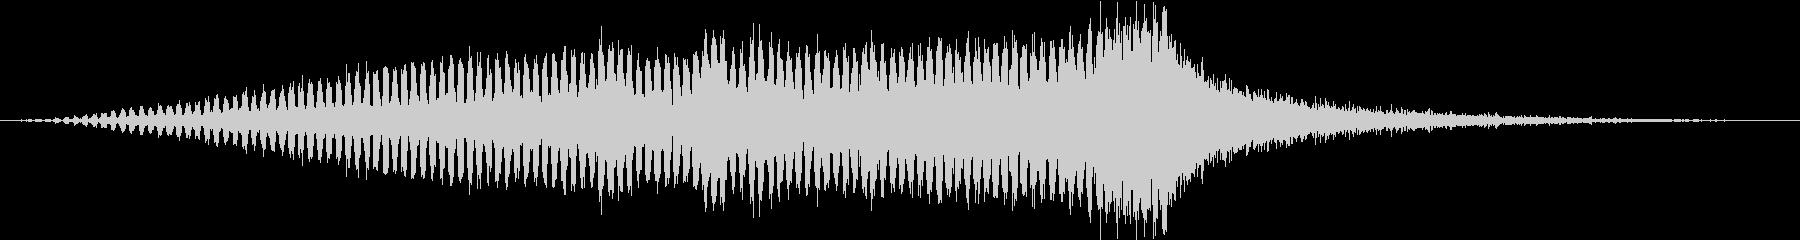 【映画シーン】 ライザー_05の未再生の波形